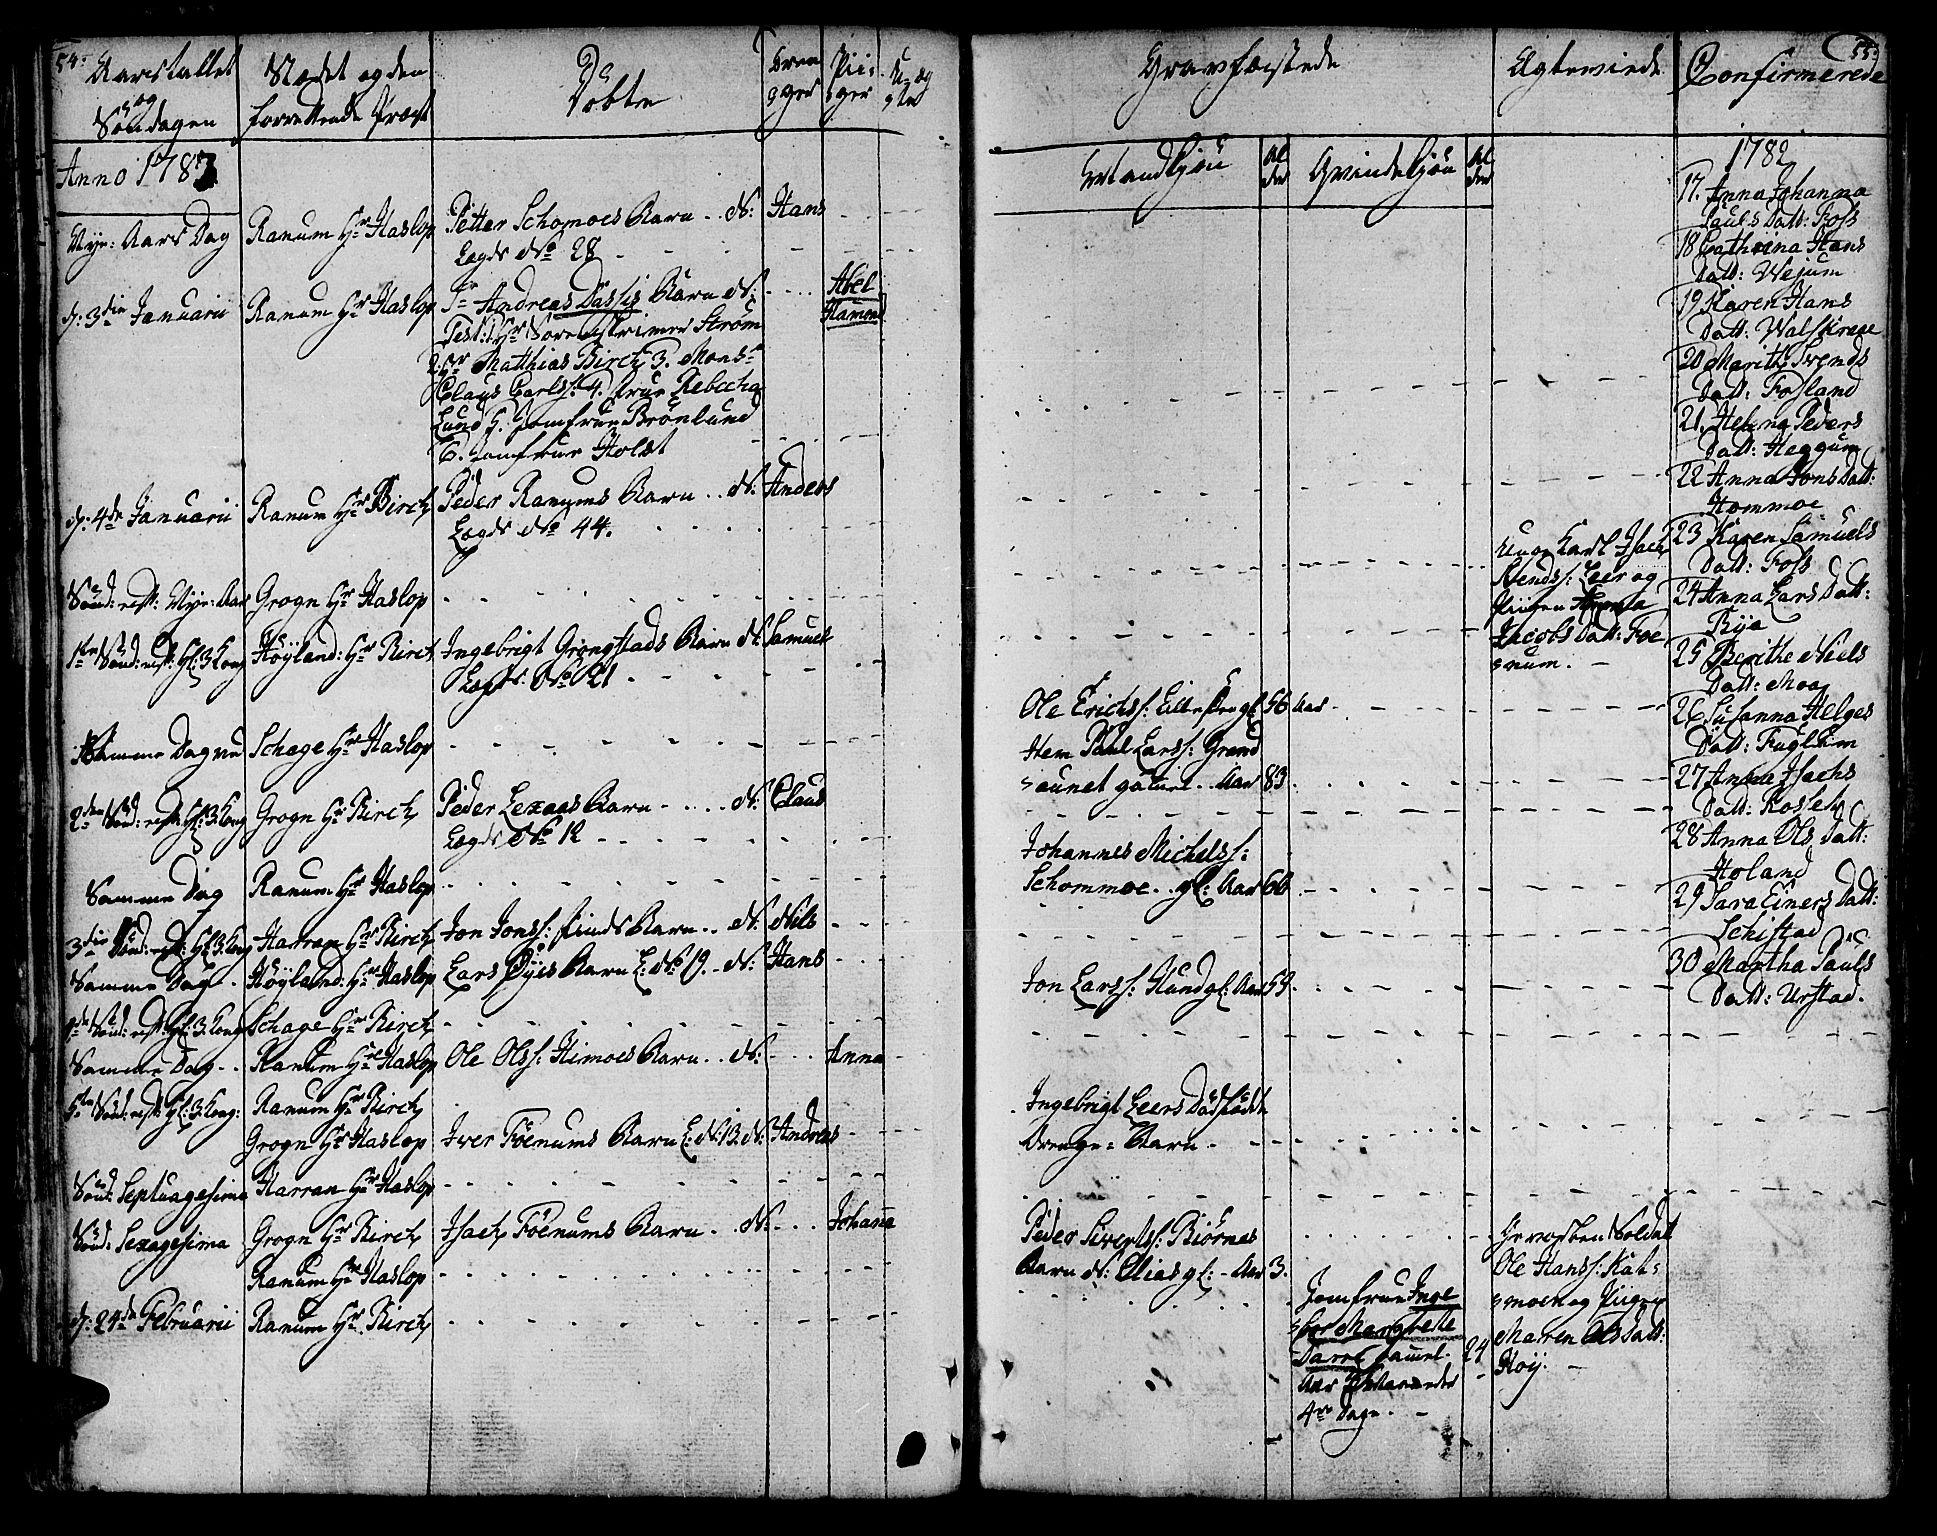 SAT, Ministerialprotokoller, klokkerbøker og fødselsregistre - Nord-Trøndelag, 764/L0544: Ministerialbok nr. 764A04, 1780-1798, s. 54-55